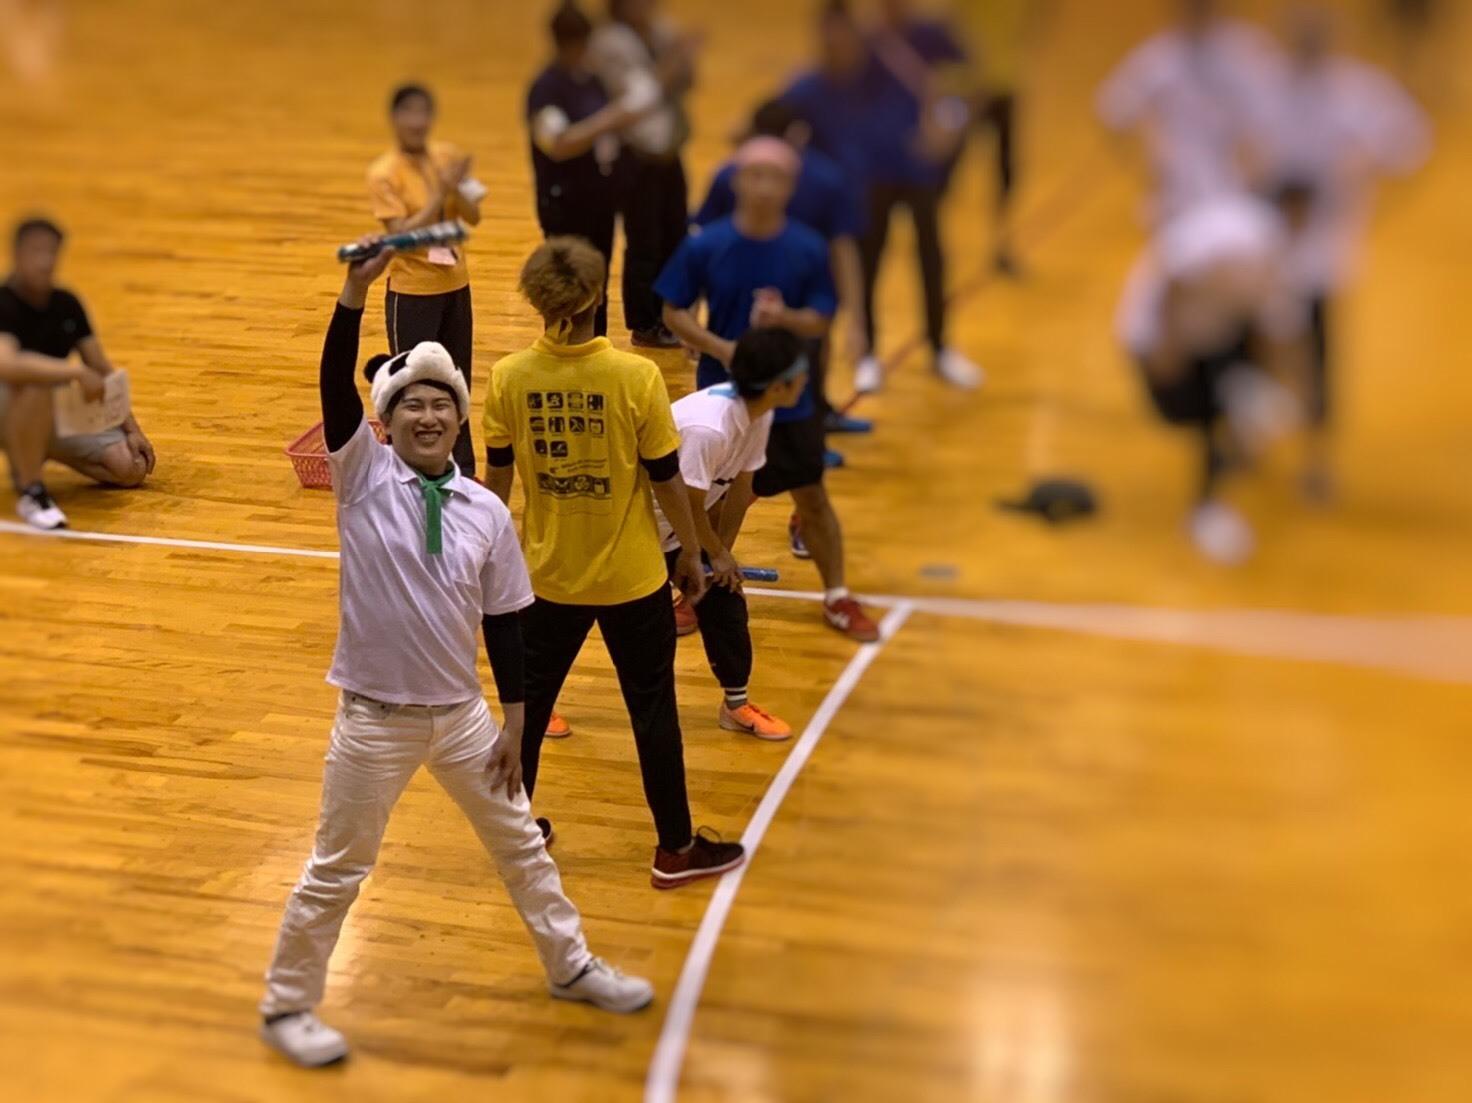 尼崎市障害者・児スポーツ大会に参加しました!_e0175651_17093206.jpg